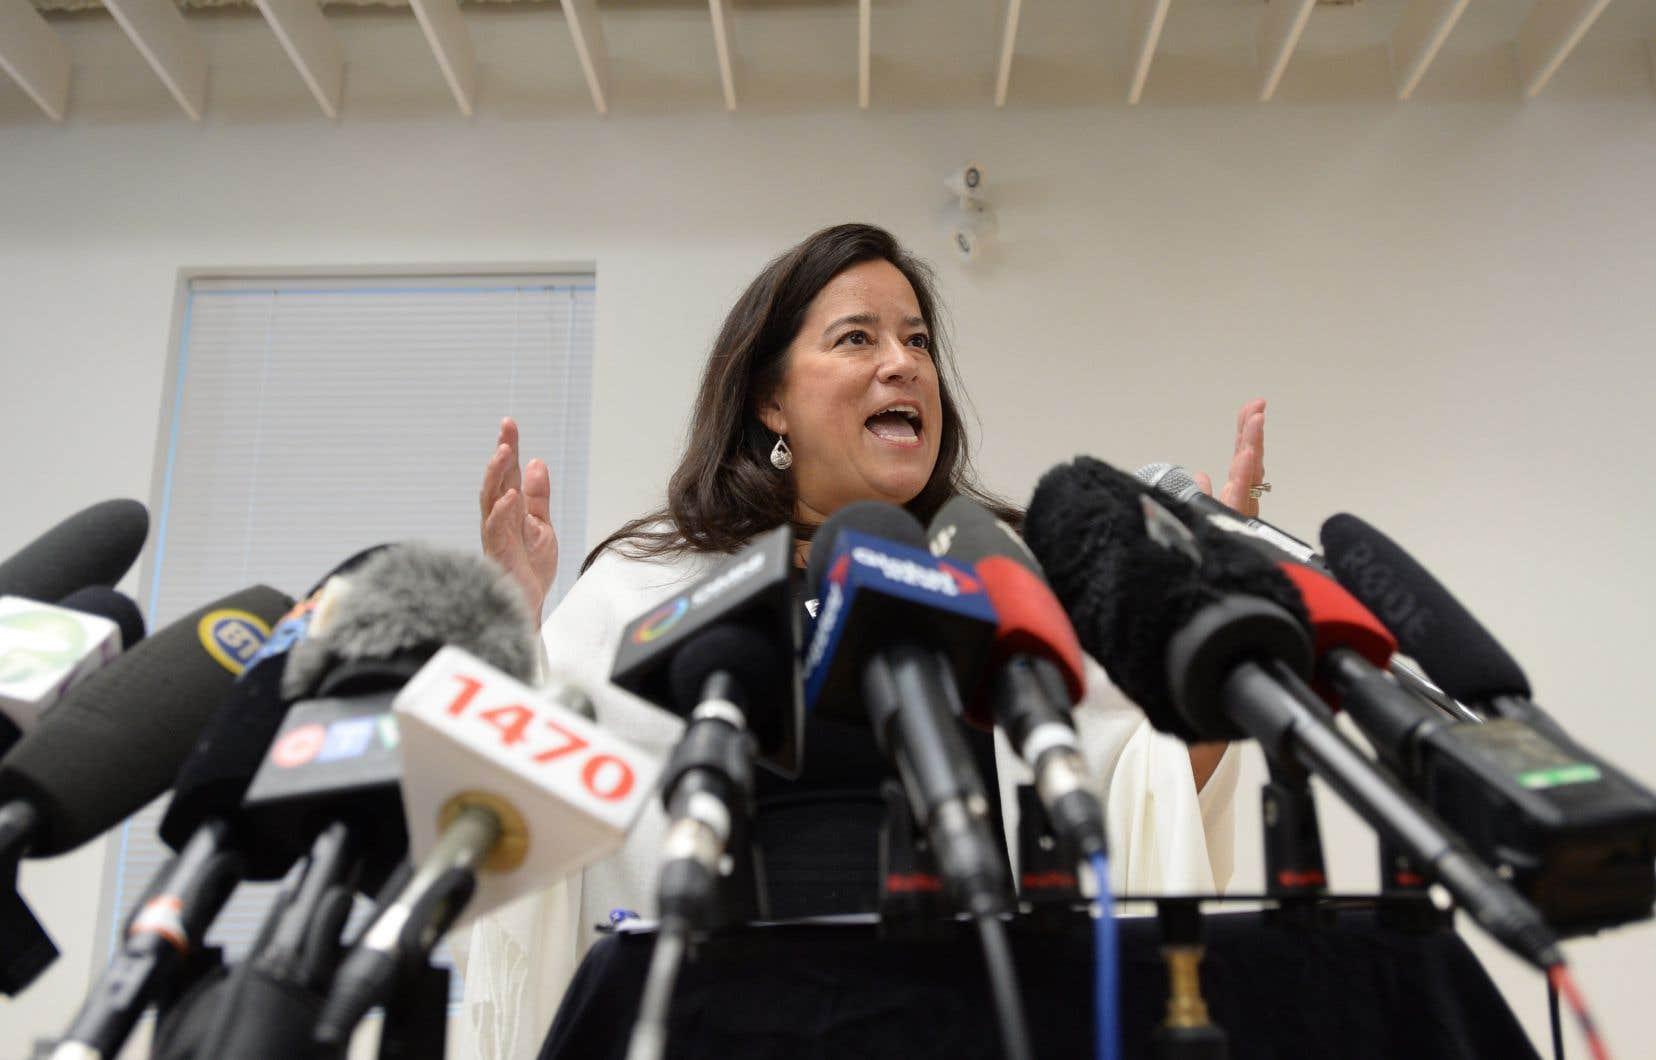 L'ex-ministre libérale Jody Wilson-Raybould se présentera comme candidate indépendante aux prochaines élections fédérales.